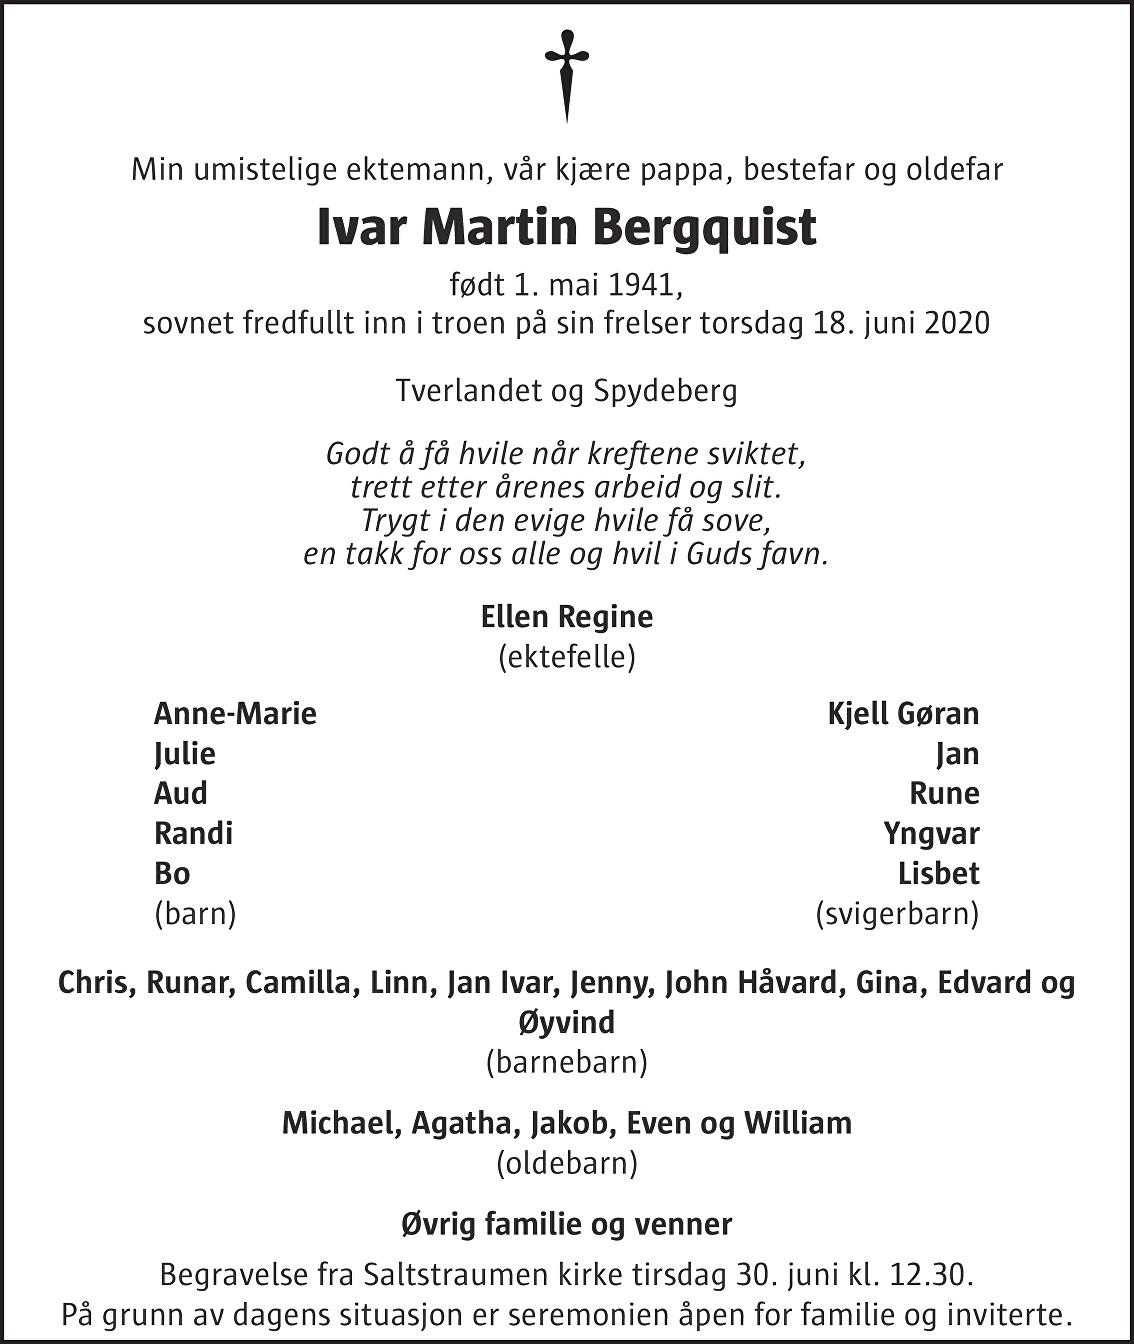 Ivar Martin Bergquist Dødsannonse